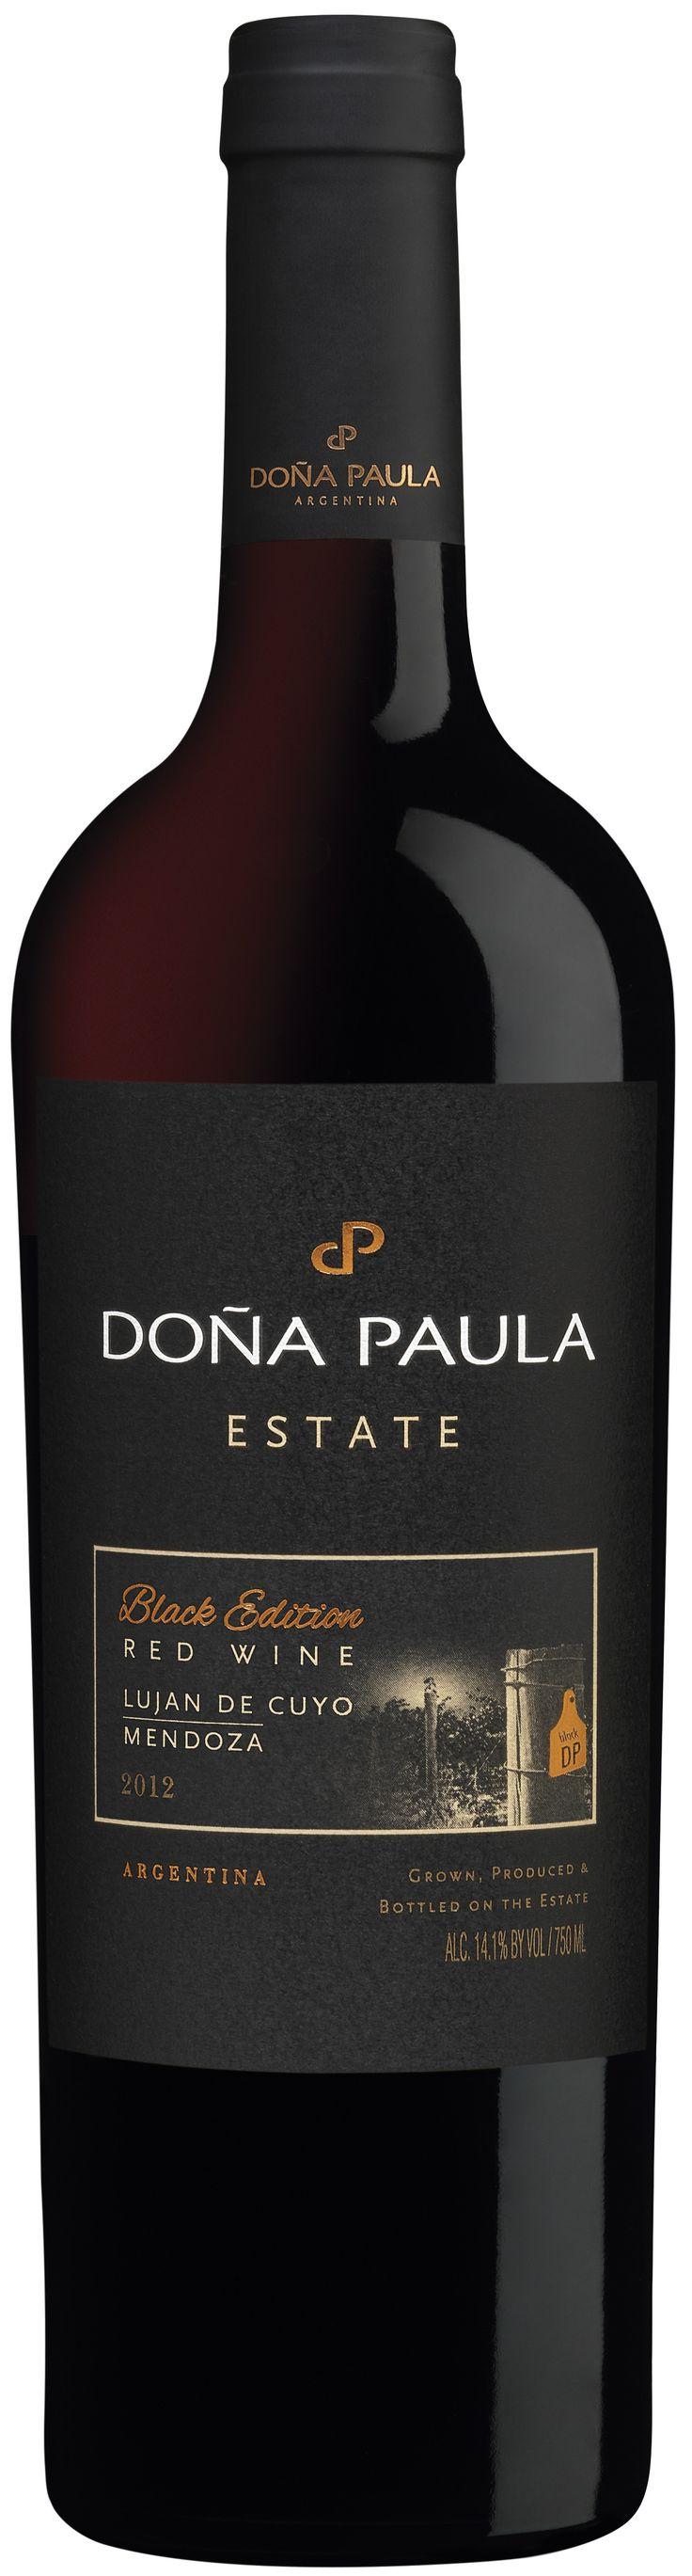 """""""Doña Paula Estate Black Edition"""" 60% Malbec / 5% Petit Verdot / 35% Cabernet Sauvignon 2014 - Bodega Doña Paula, Luján de Cuyo, Mendoza------------------------ Terroir: Ugarteche----------------Crianza: 12 meses en barricas de roble francés de 1er, 2do y 3er uso"""